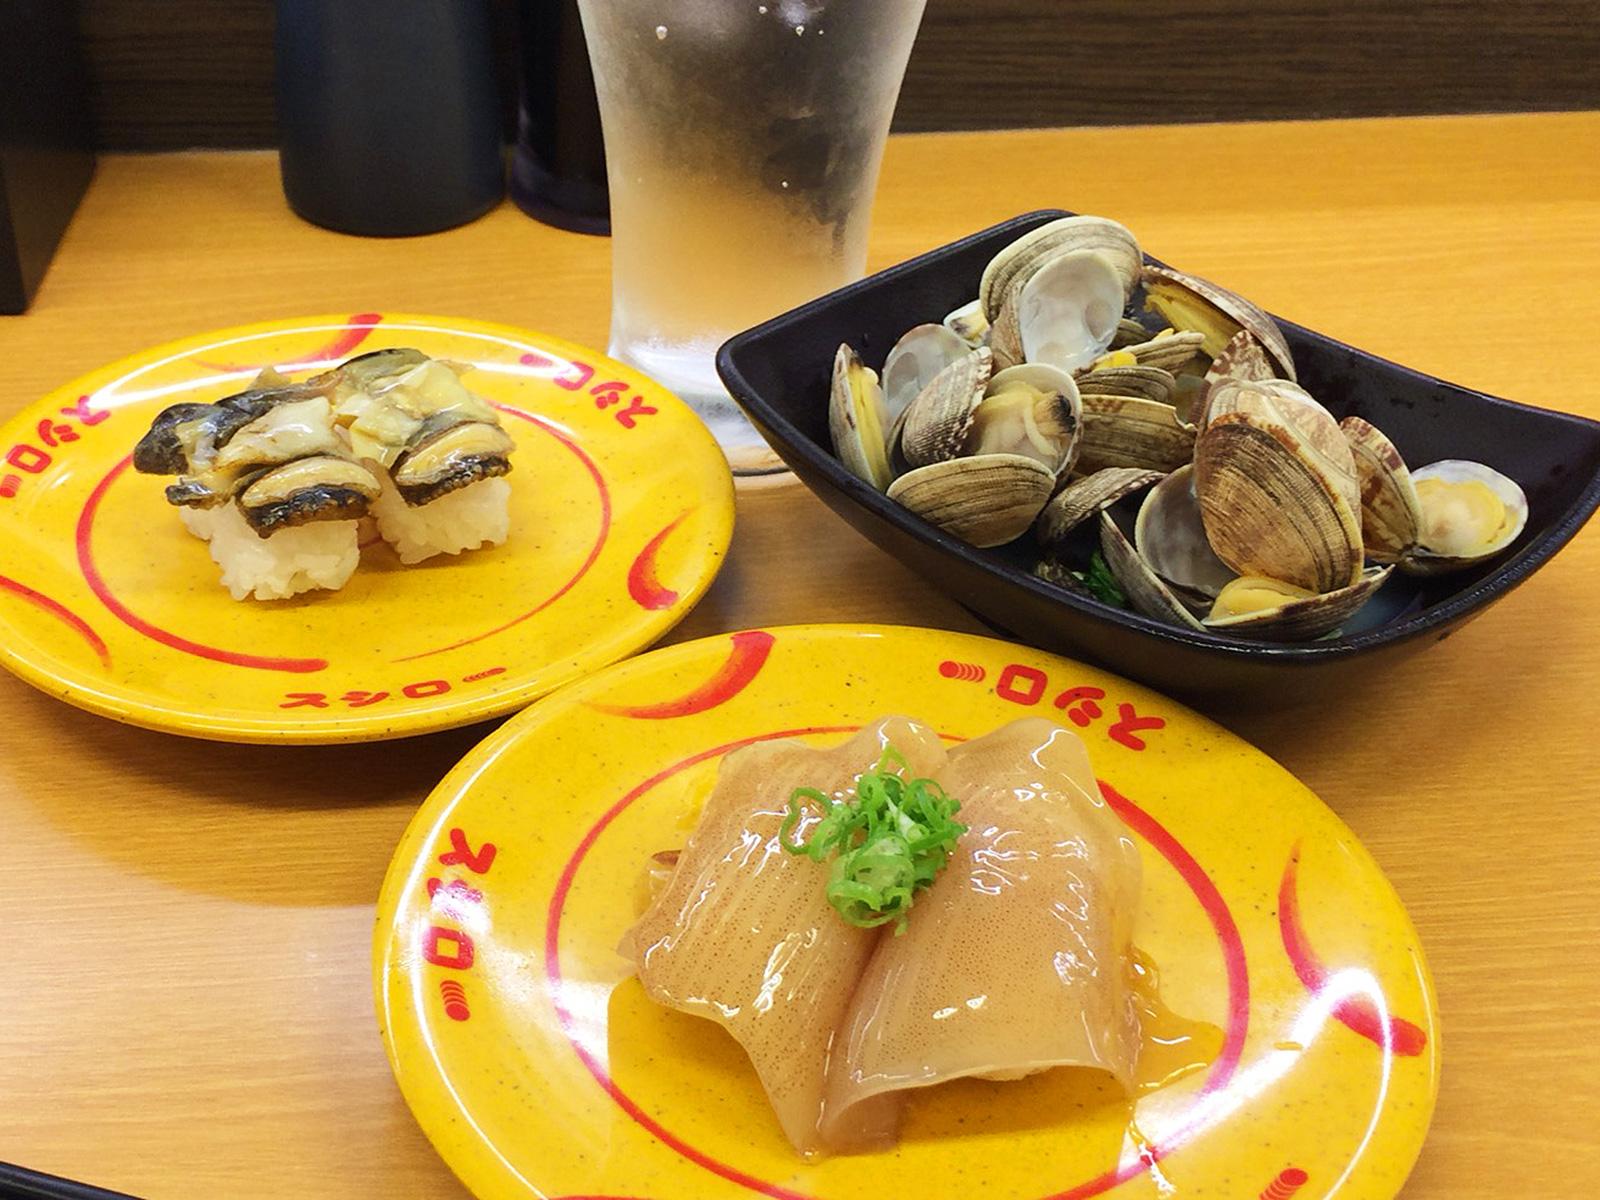 「スシロー清須古城店」のレモンサワーとあさりの酒蒸しとお寿司いろいろ @西枇杷島